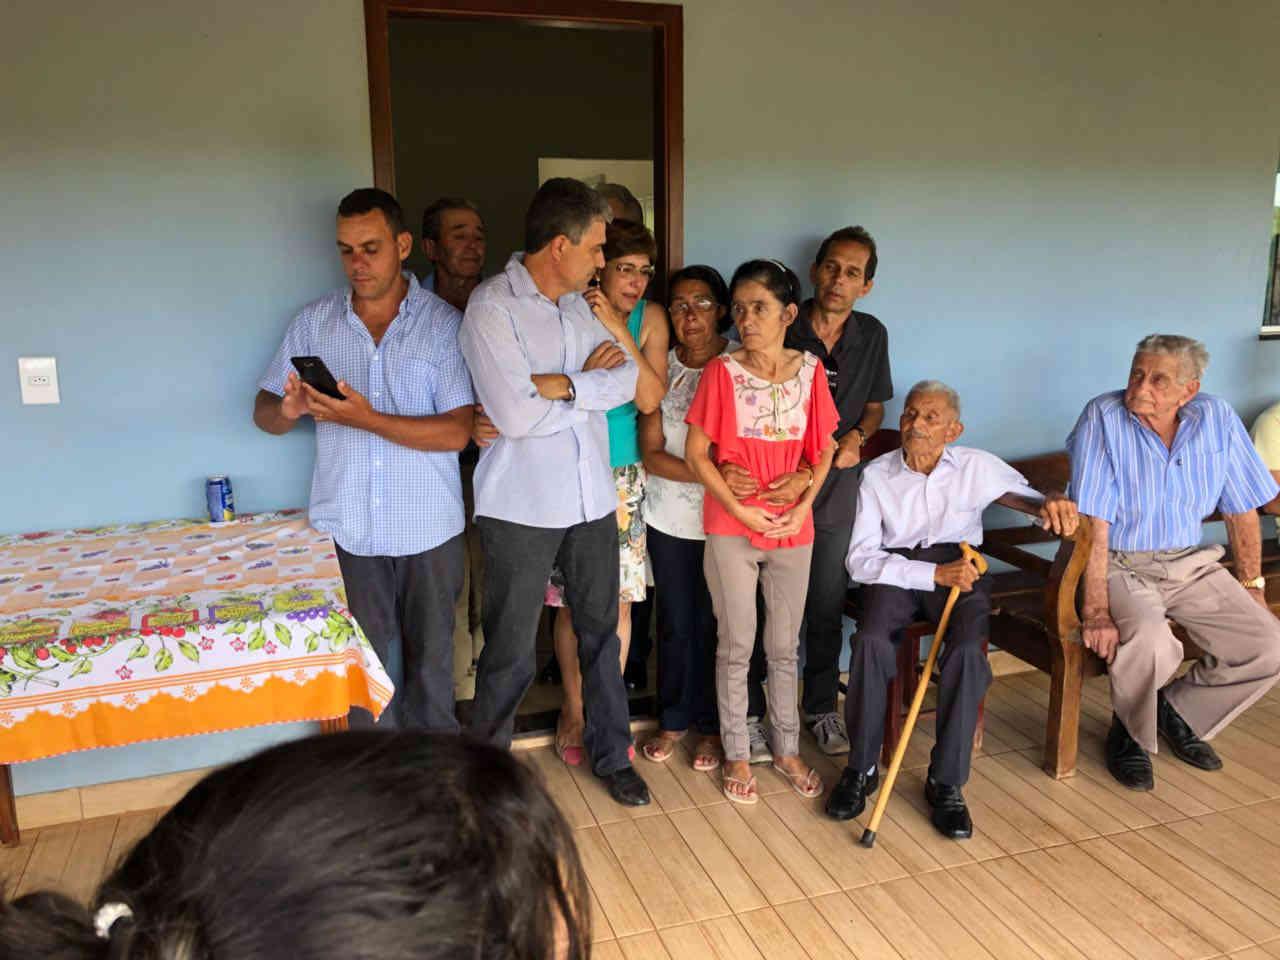 José Nicolau na festa de aniversário - 20.01.2018